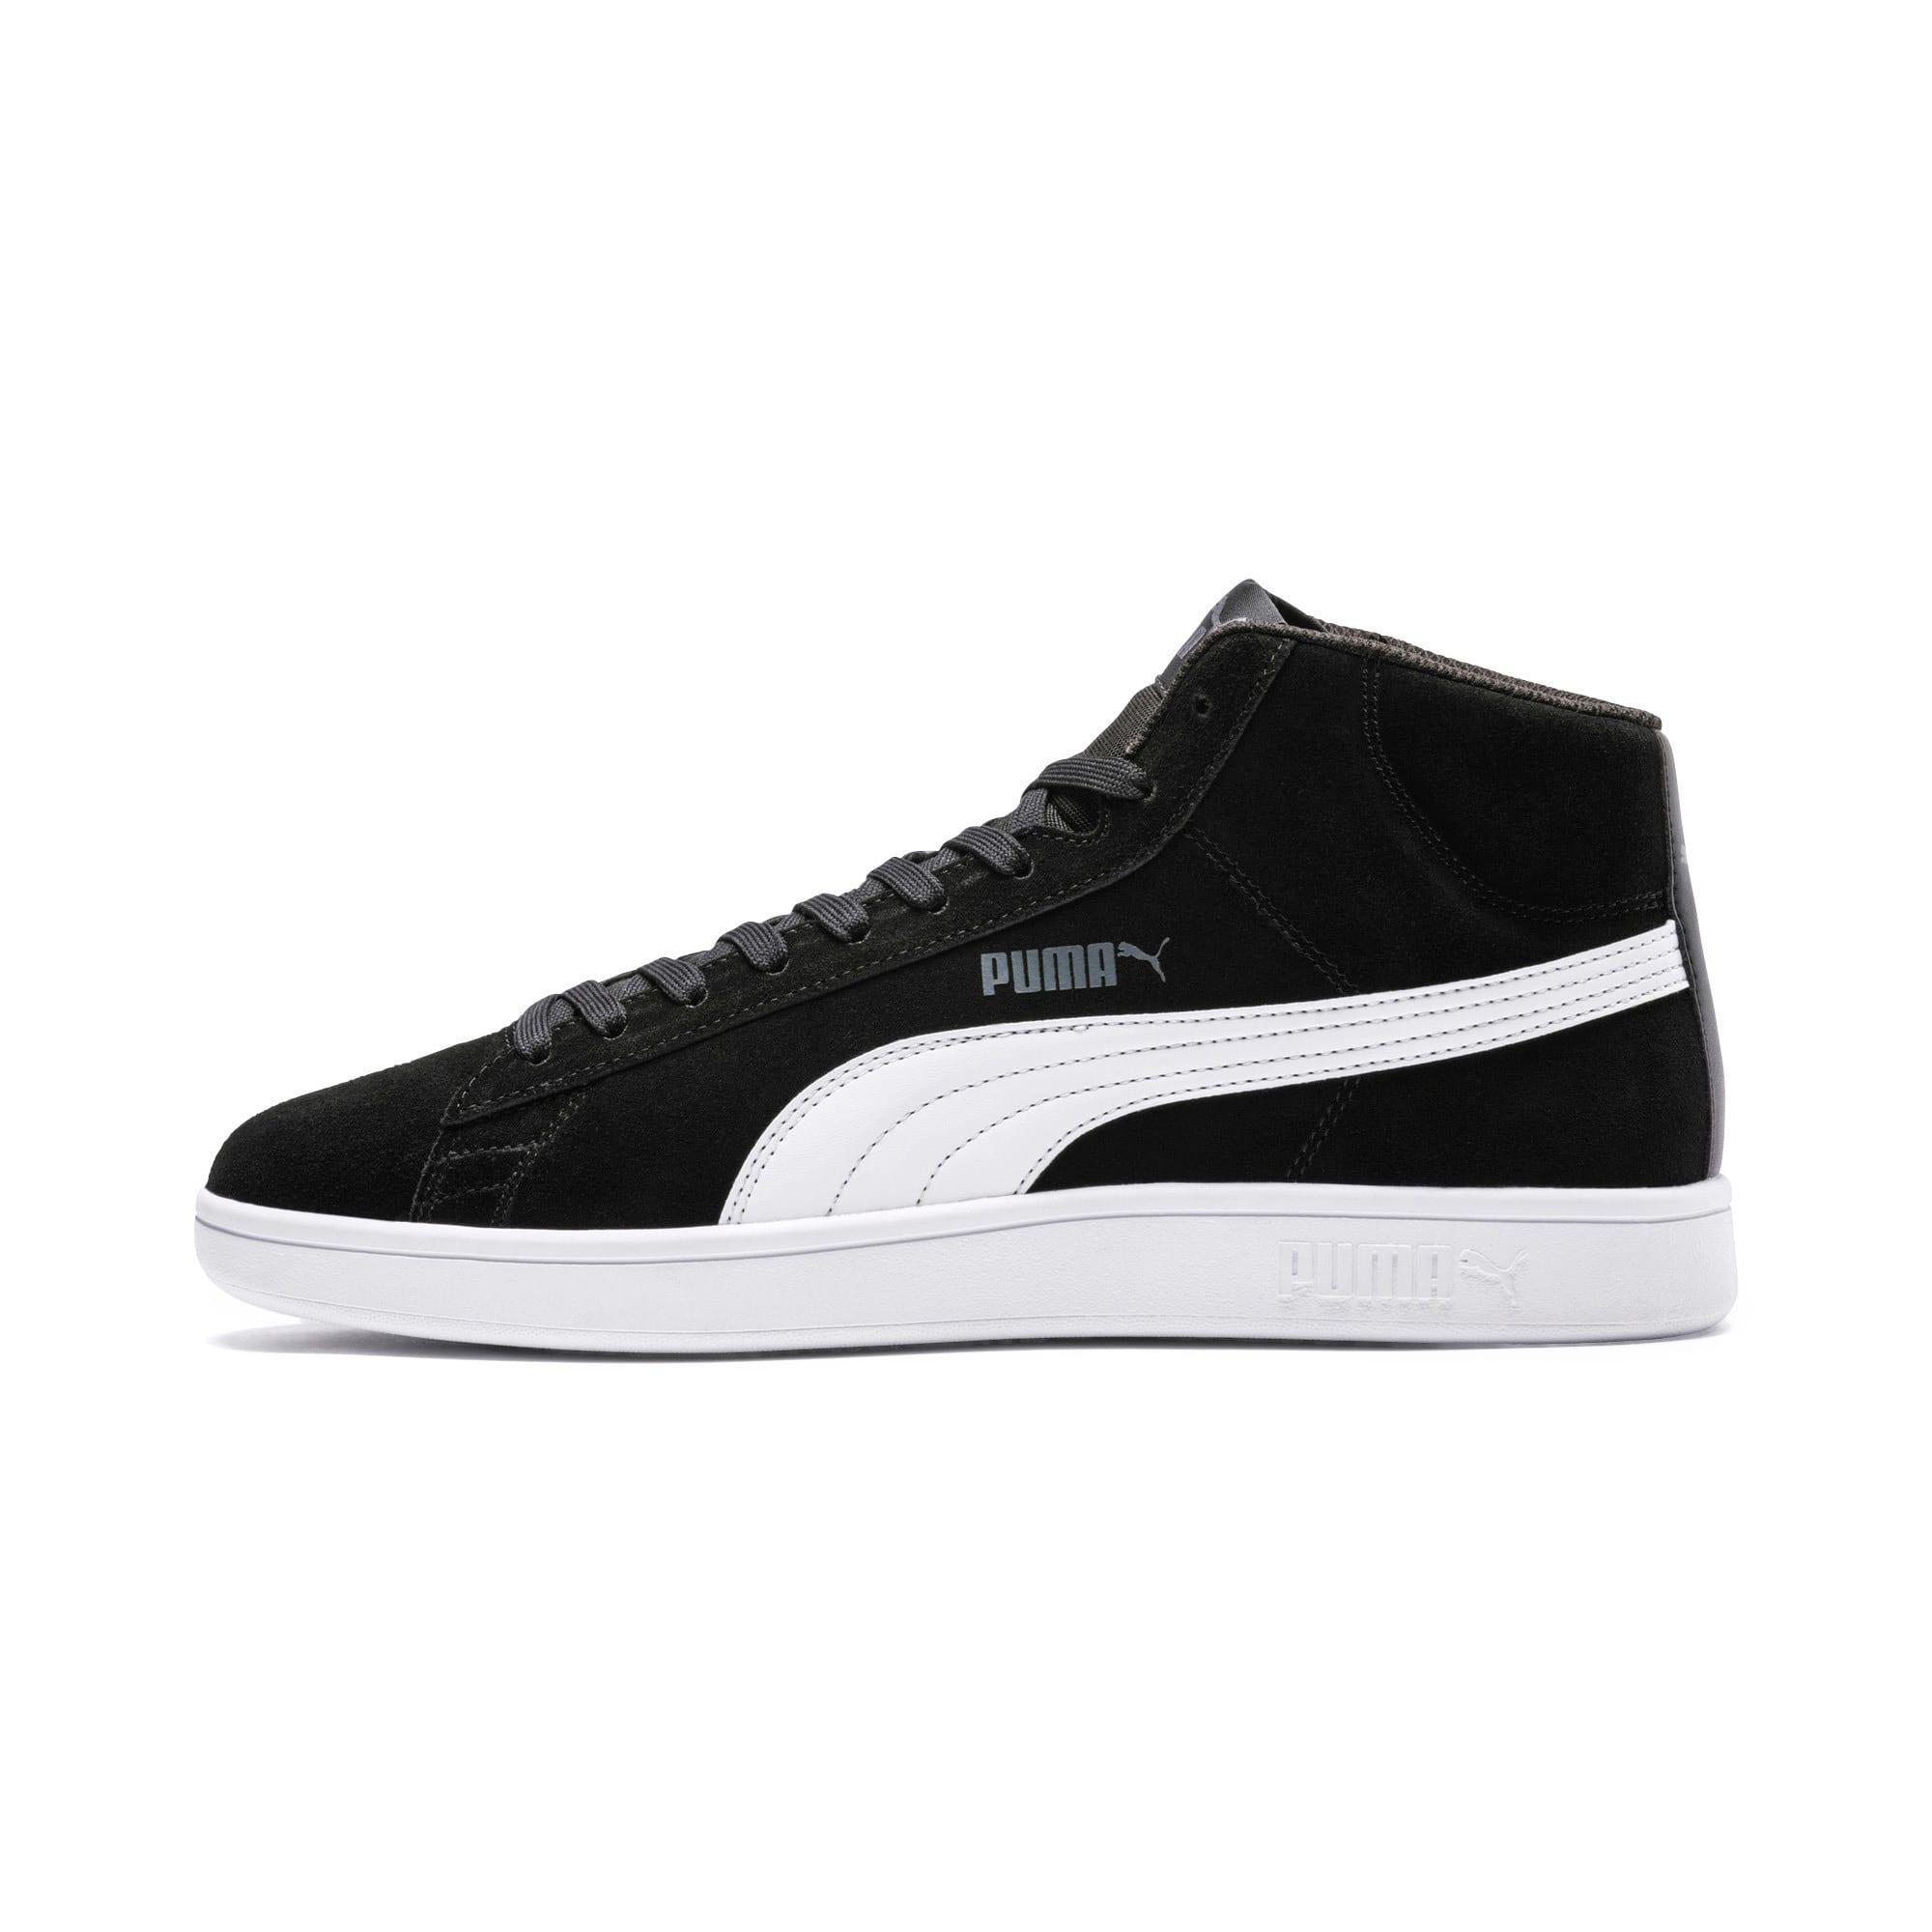 Thumbnail 1 of PUMA Smash v2 Suede Mid Sneakers, Puma Black-Puma White, medium